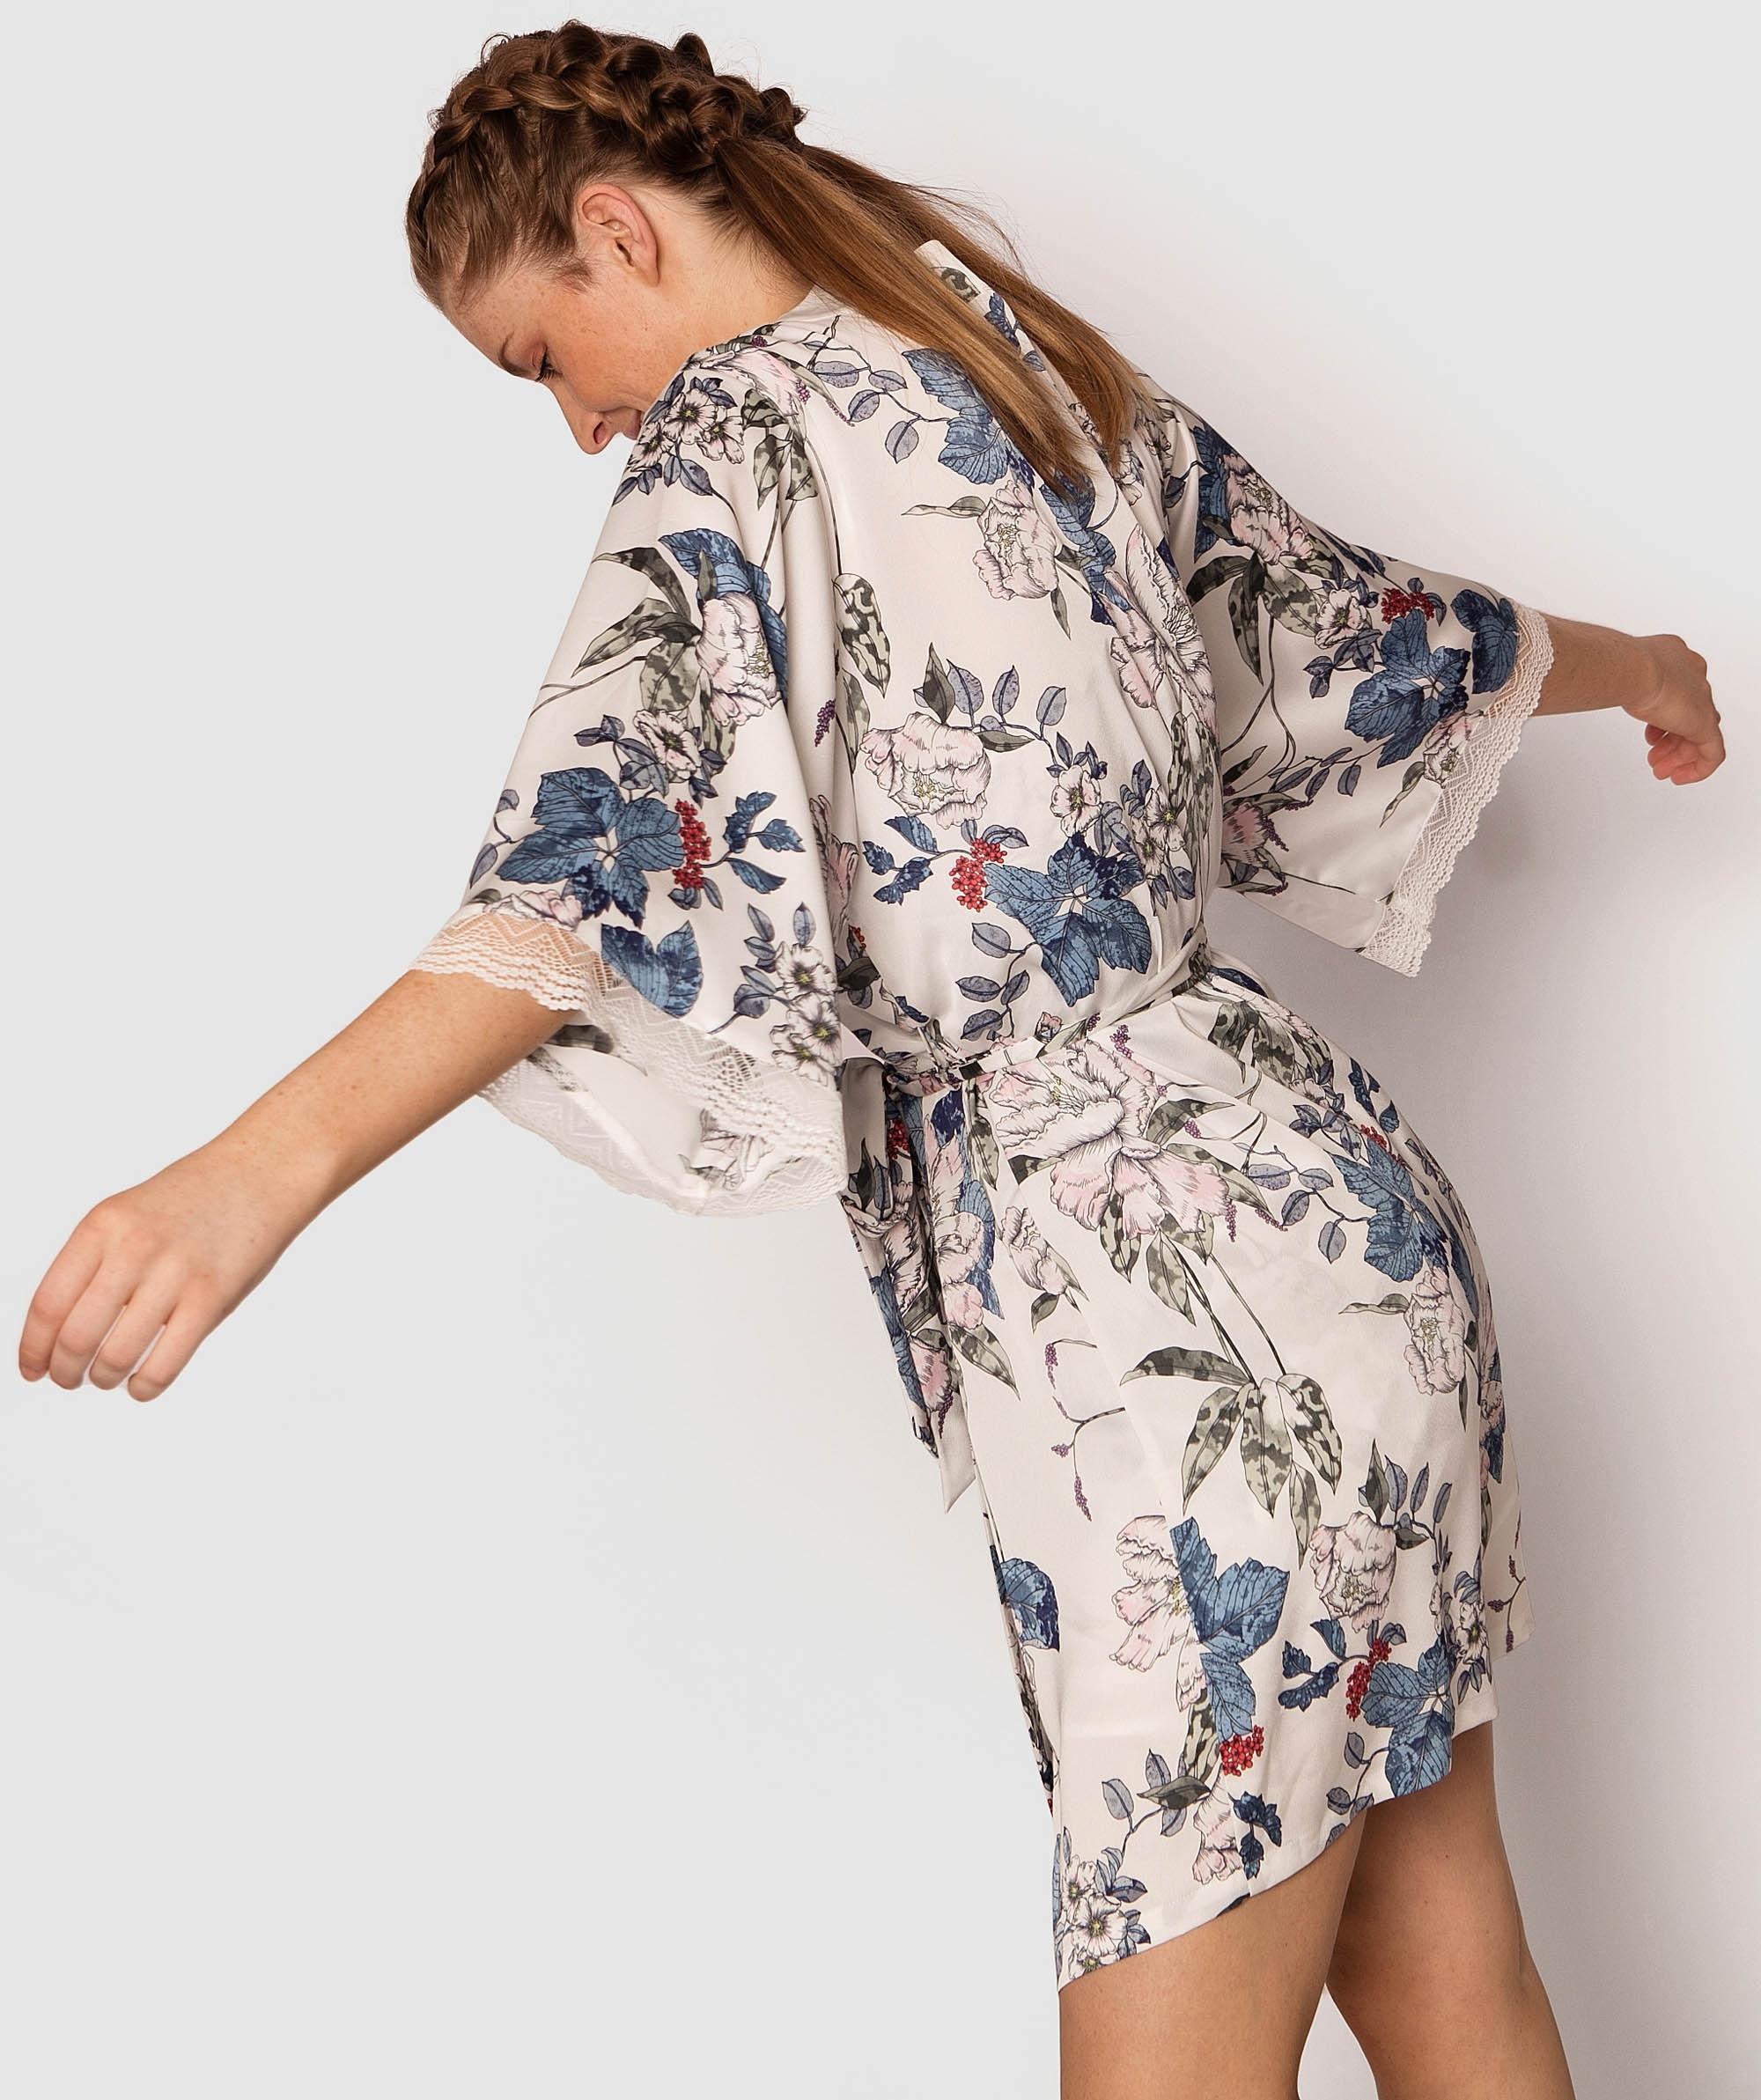 Skye Wrap - Floral Print